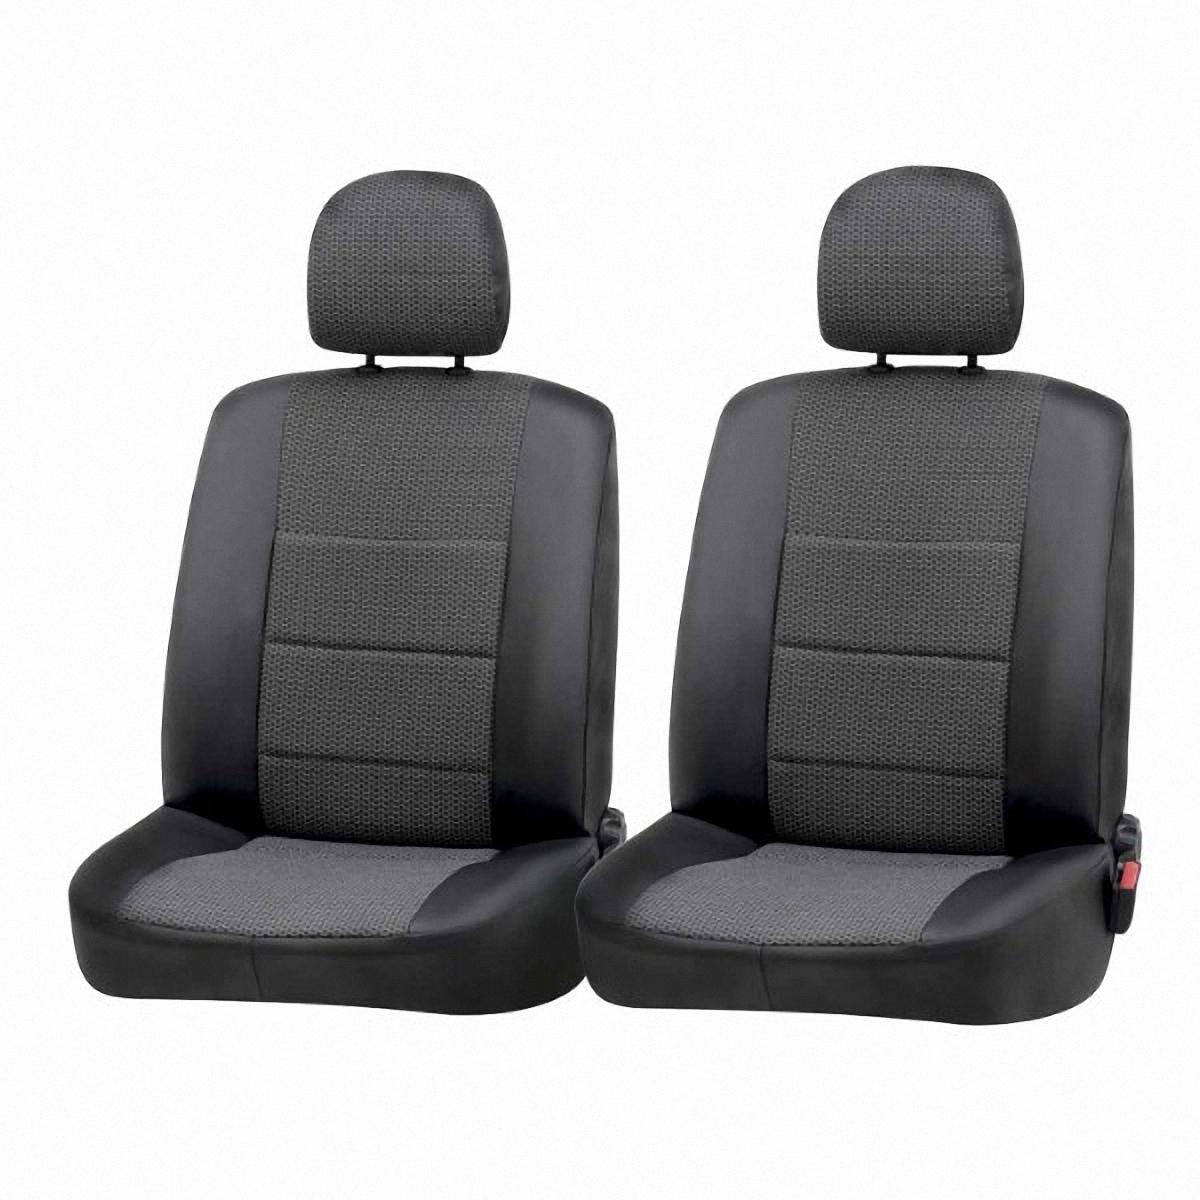 Чехол на сиденье Skyway Mitsubishi ASX. Mts1-2КMts1-2К